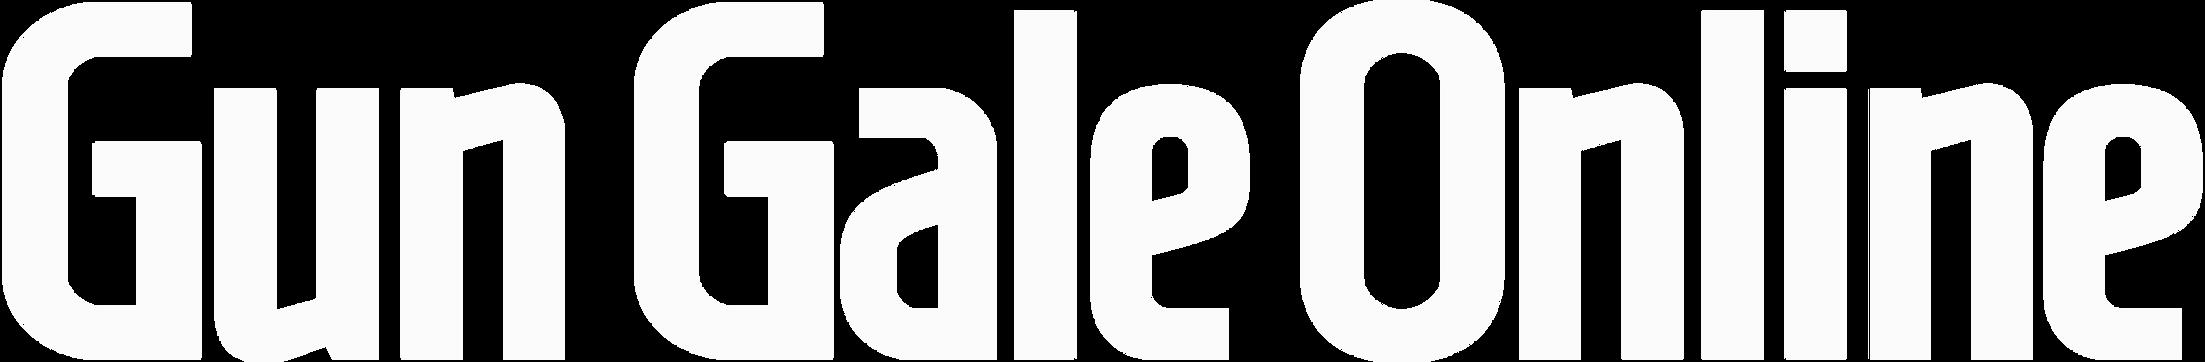 Gun Gale Online - Title Logo by darkblackswords on DeviantArt